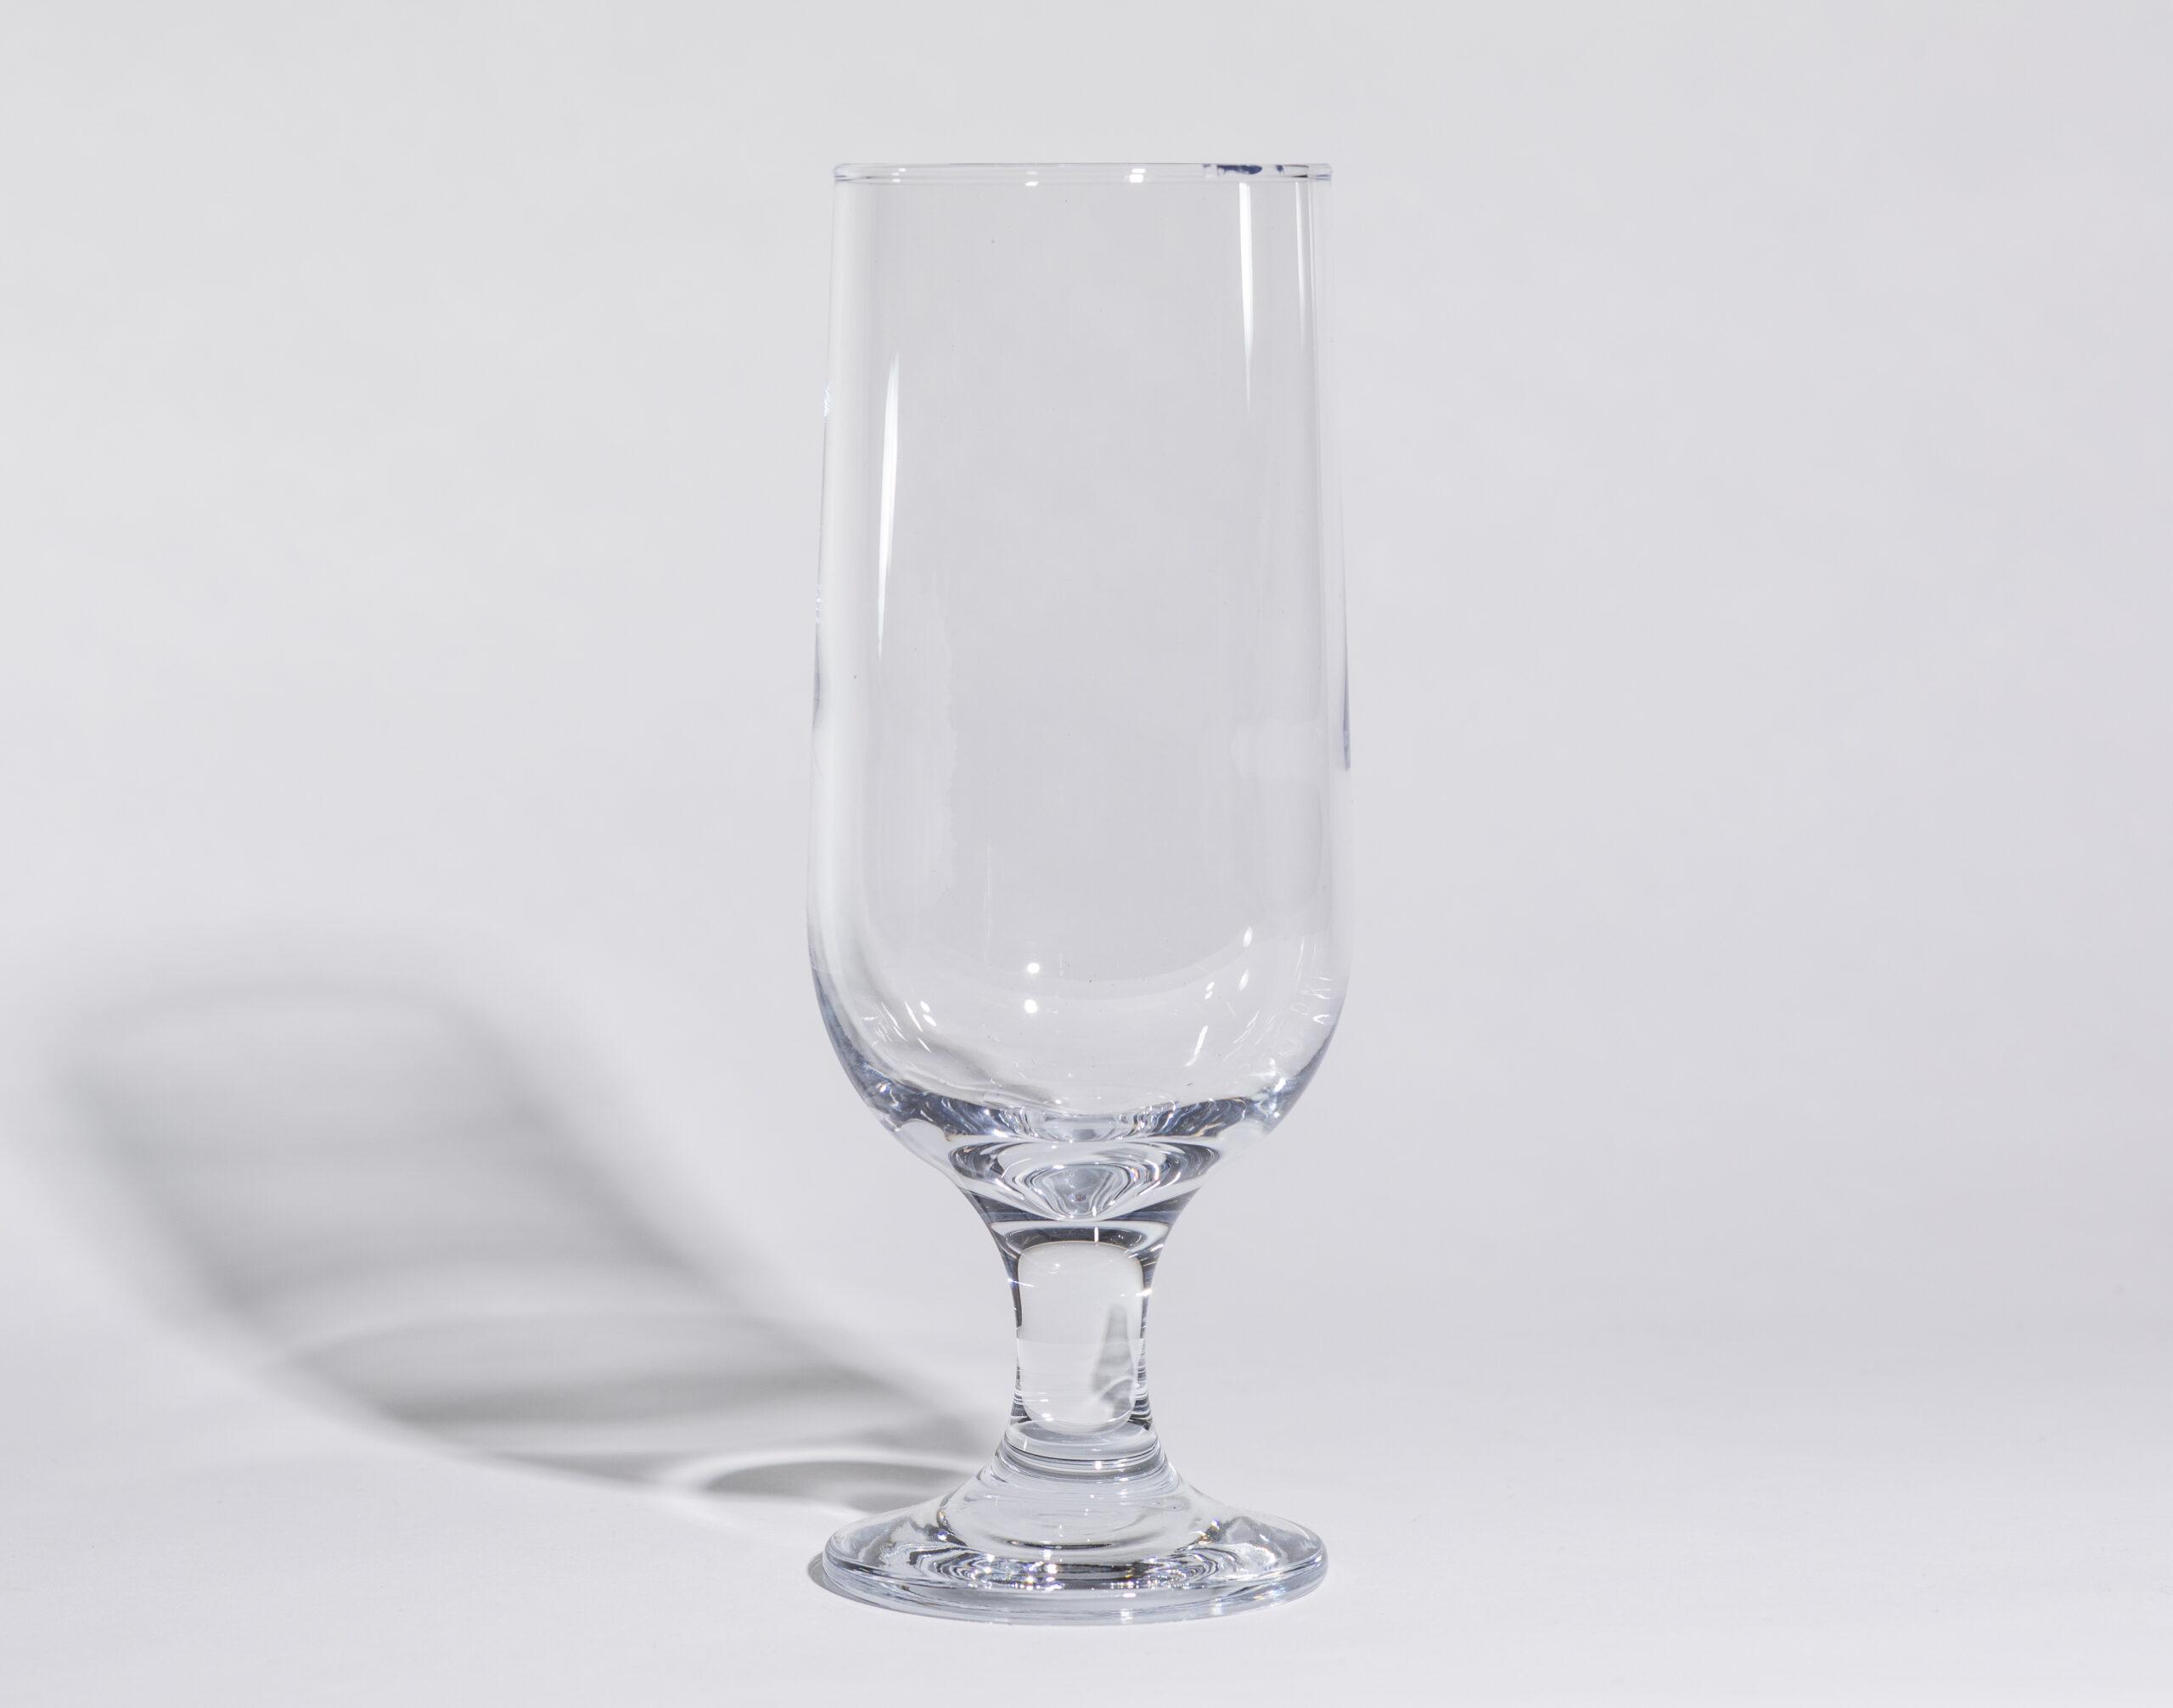 Beer glasses (14oz, stemmed)